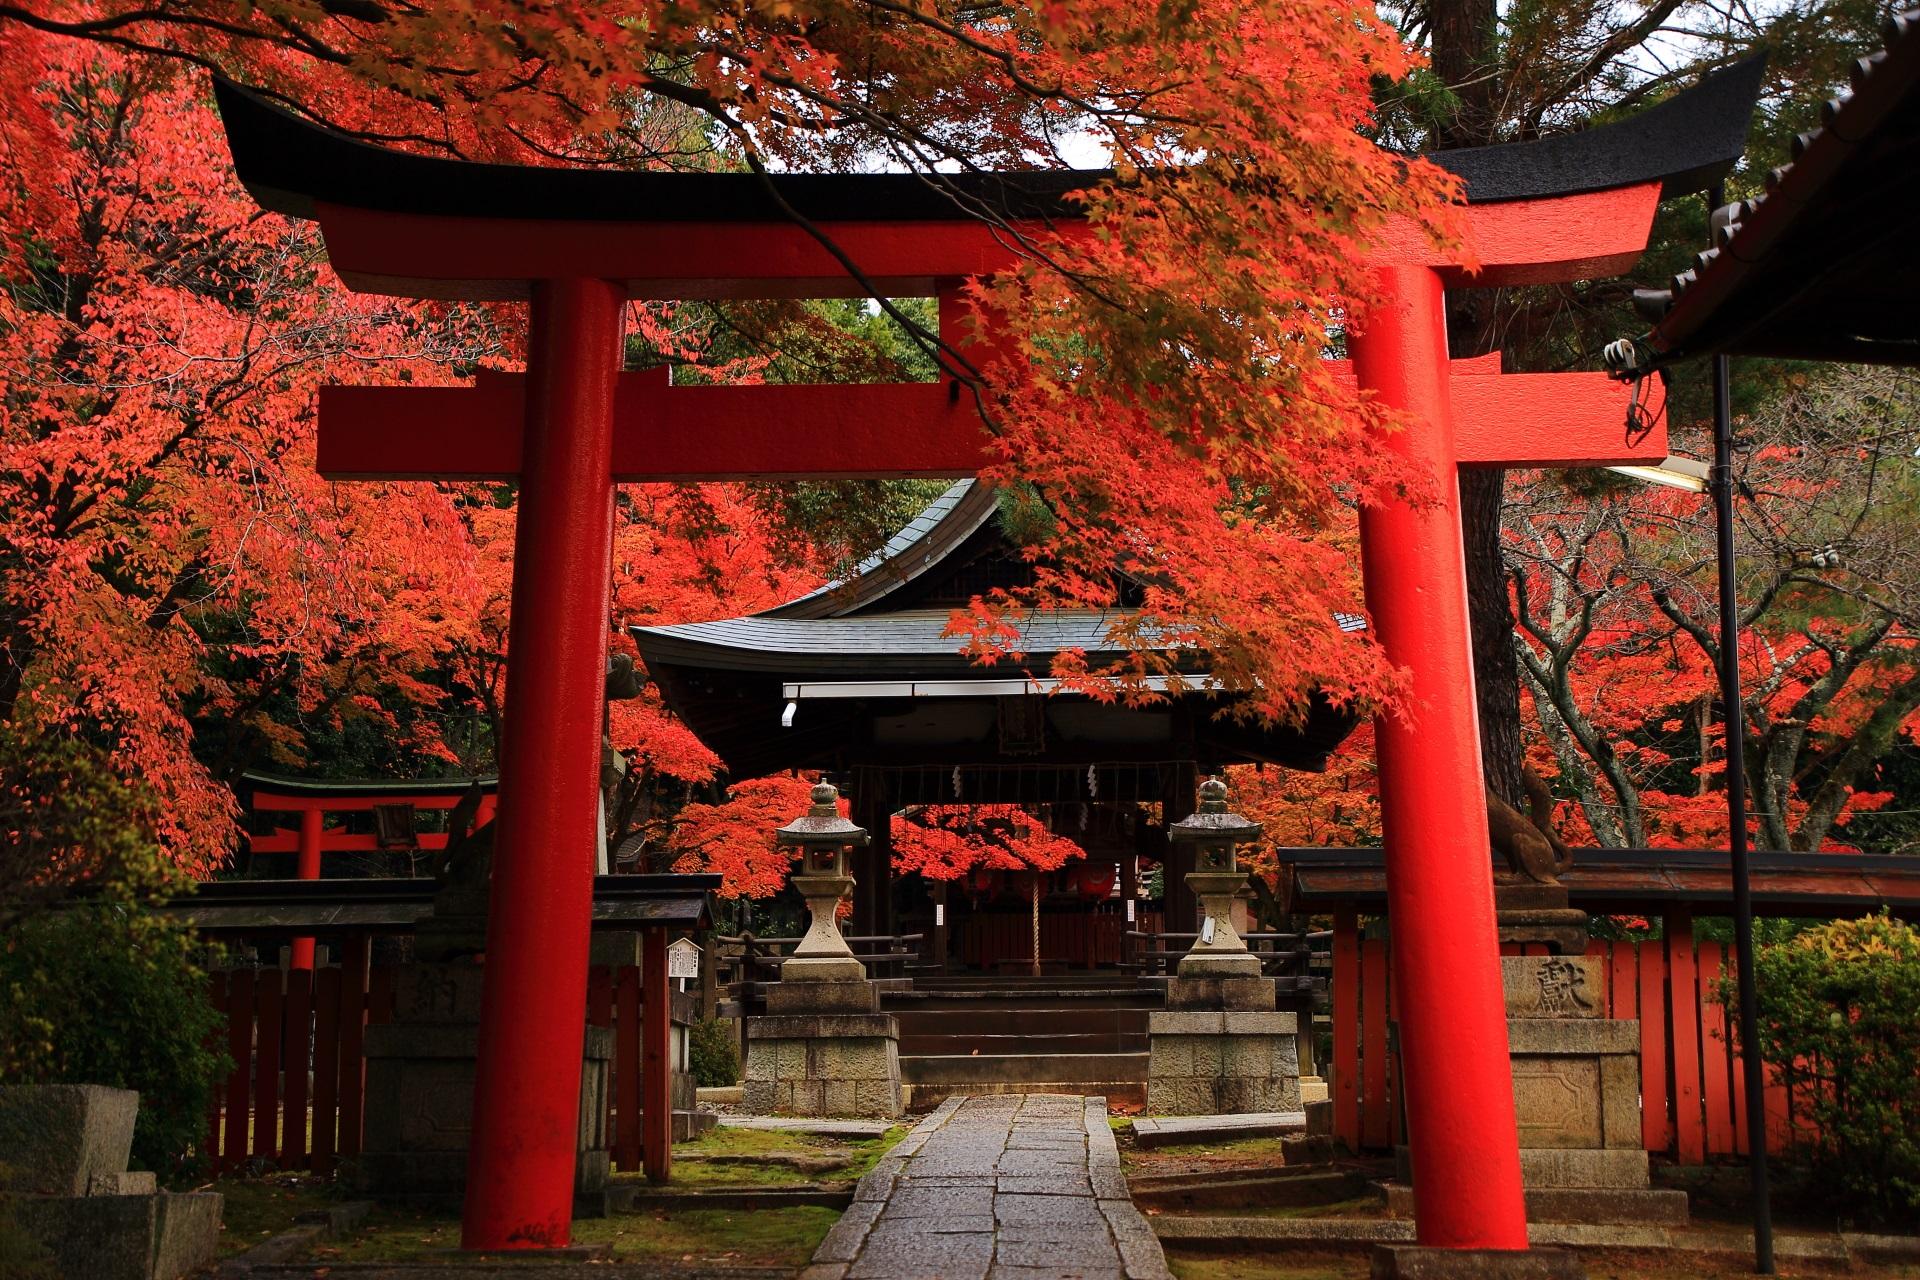 鮮やかな紅葉につつまれる竹中稲荷神社の鳥居と拝殿